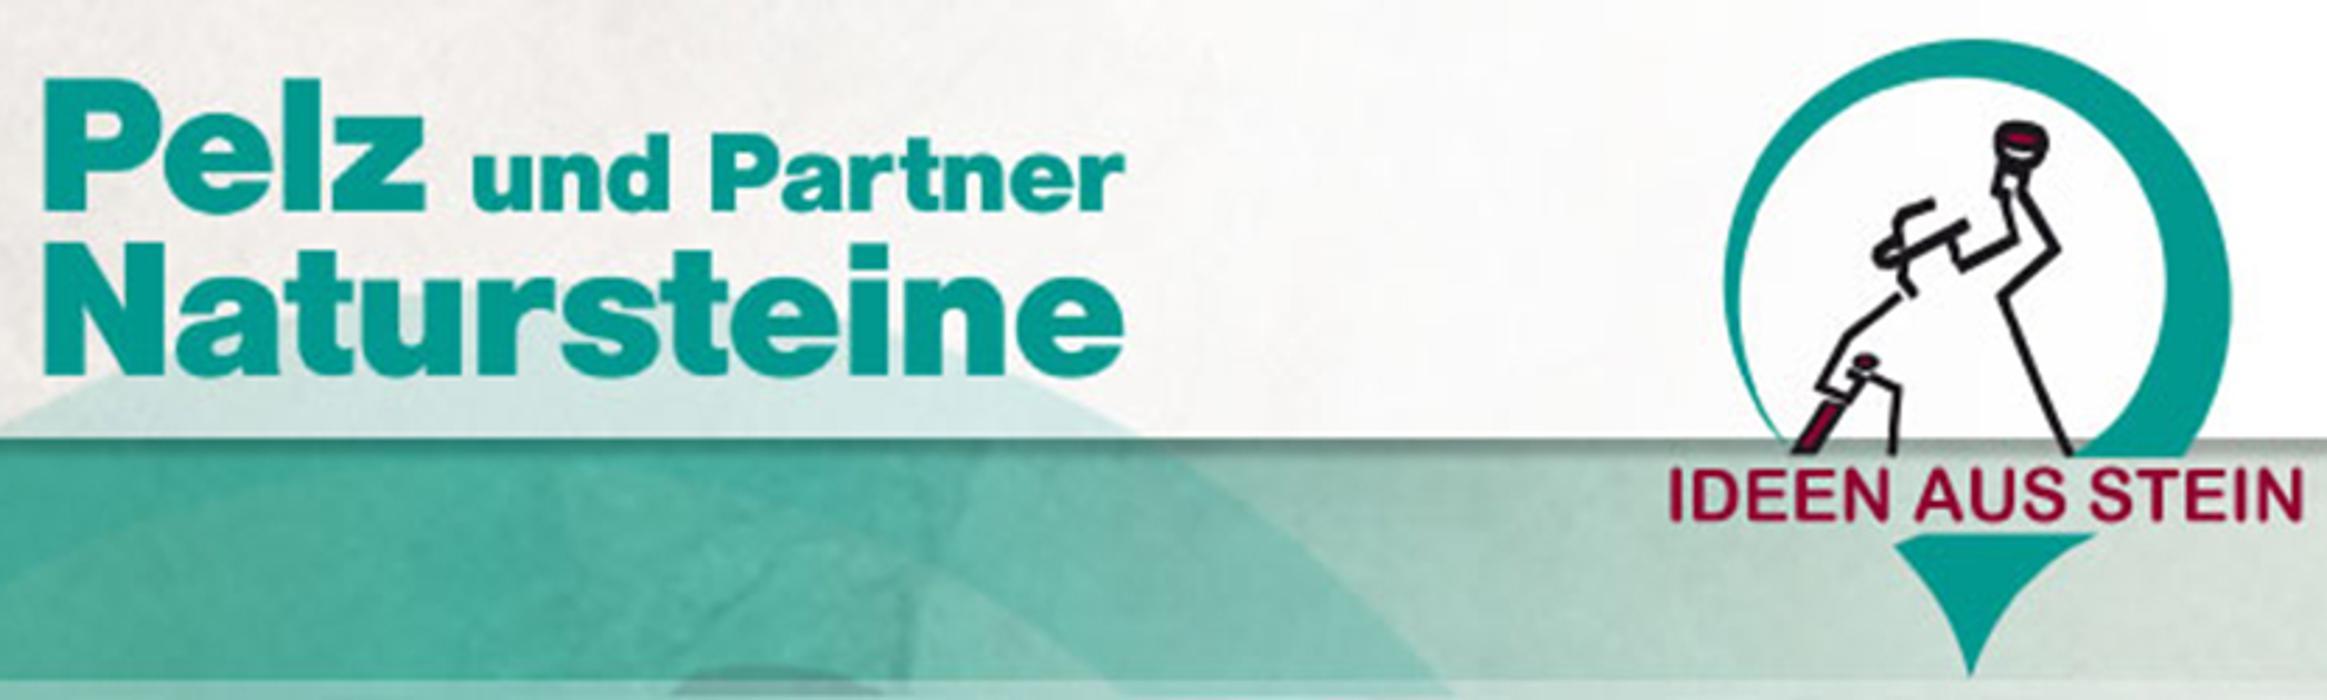 Bild zu Pelz und Partner Natursteine GmbH in Auenwald